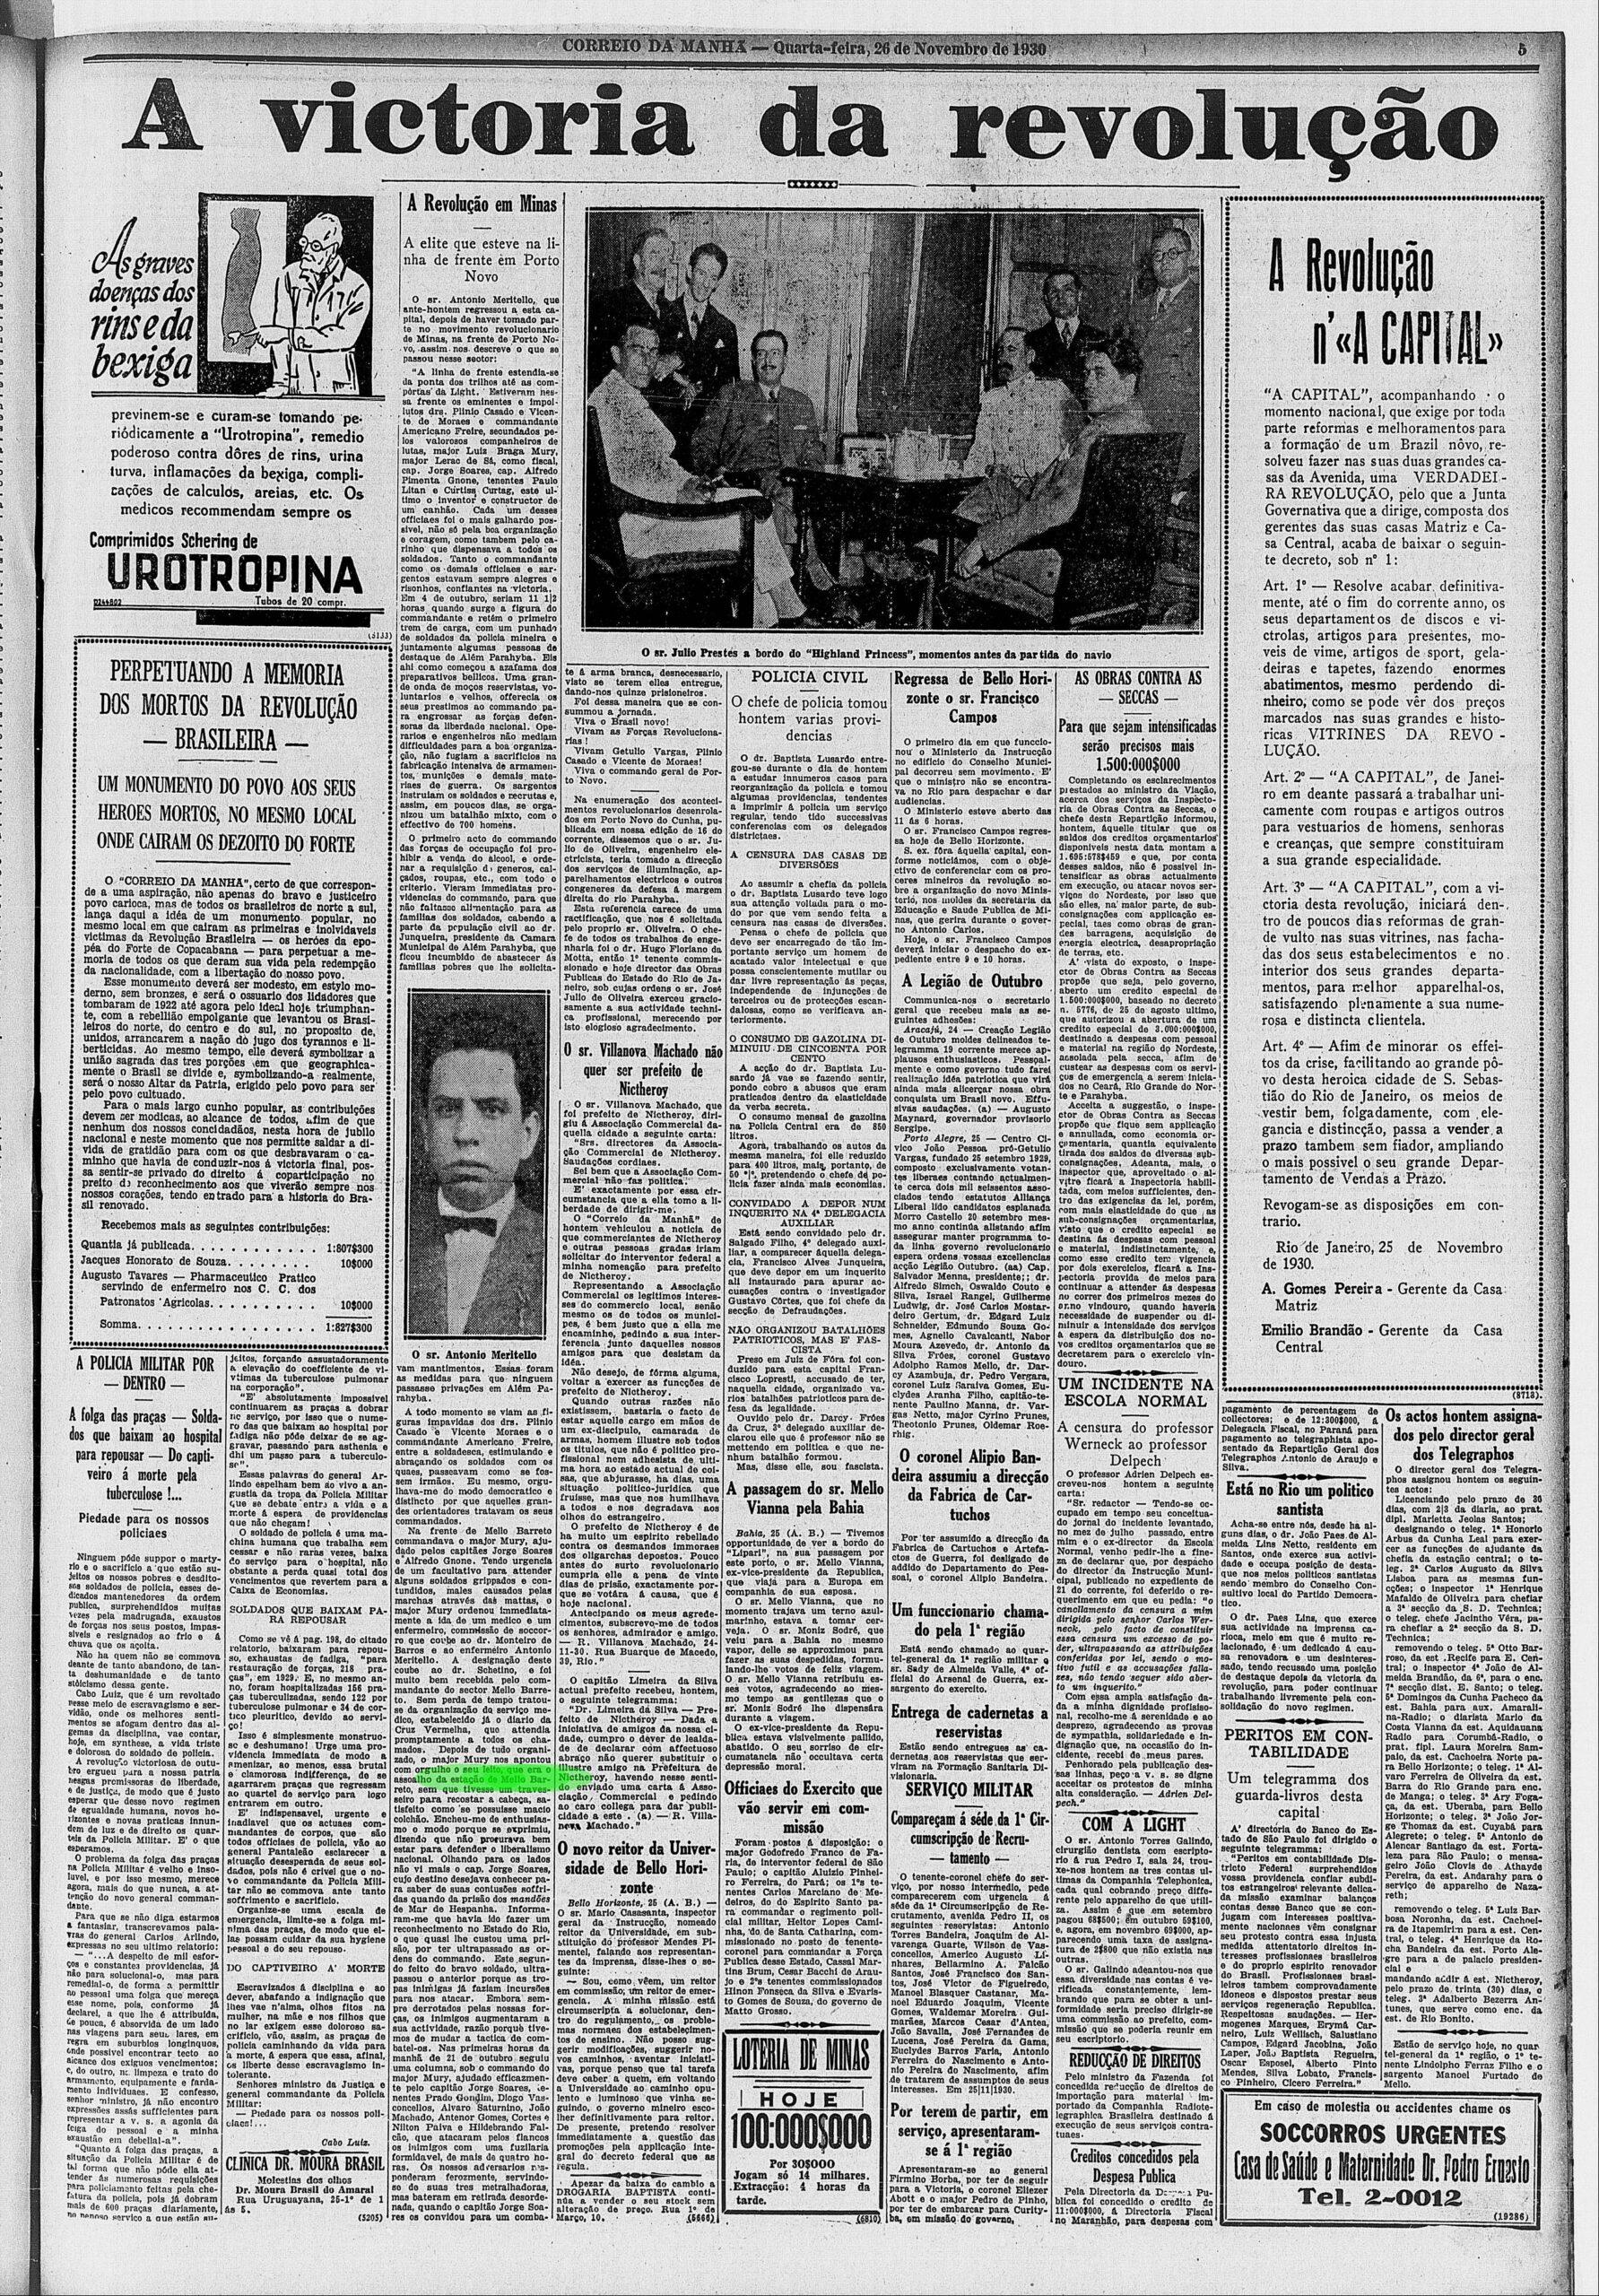 A imprensa comemora a revolução. Acervo BN